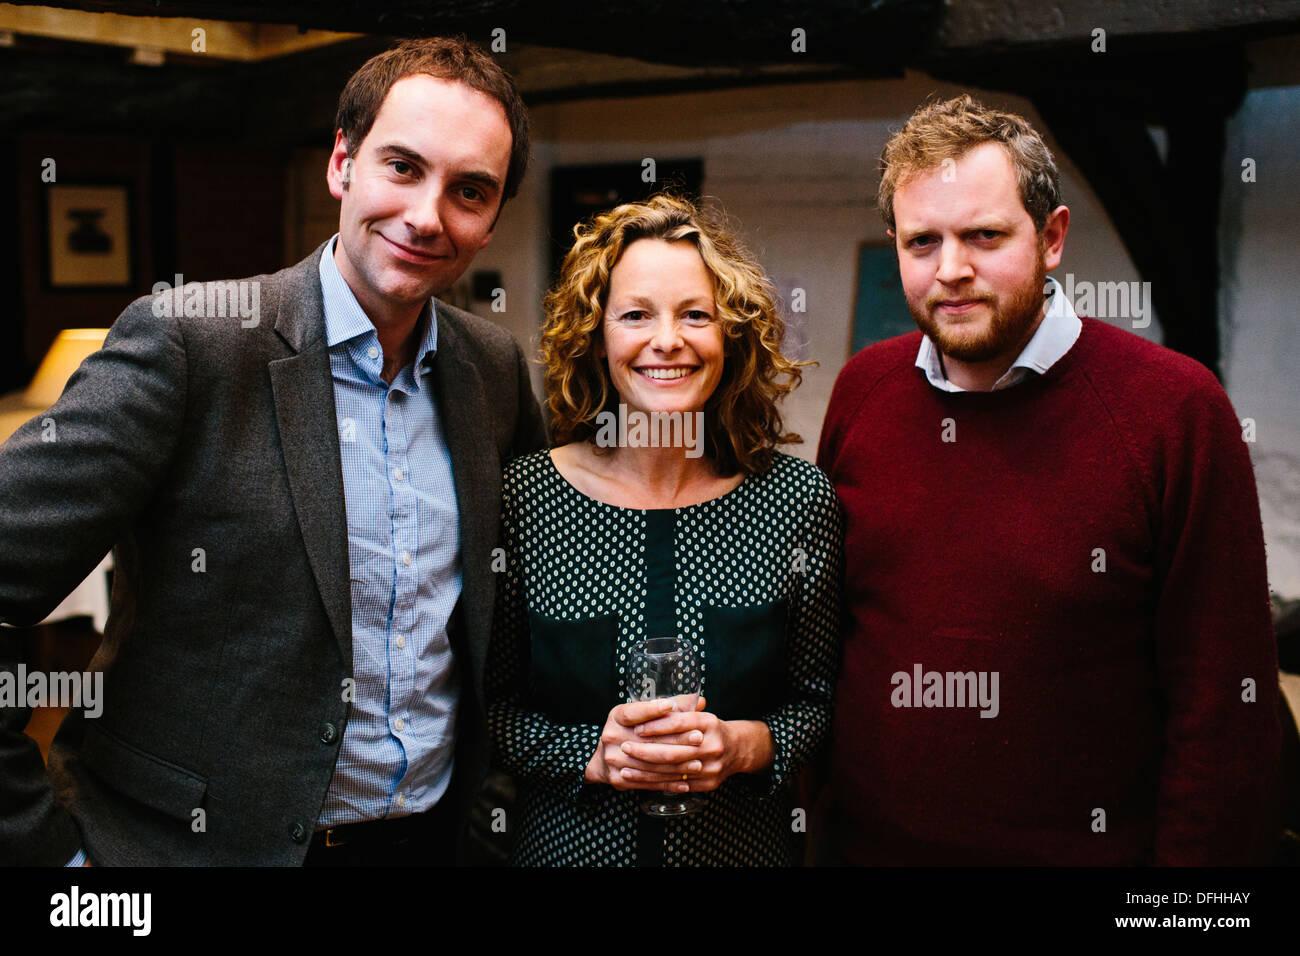 Dougie Anderson & Kate humilde & Millas Jupp Imagen De Stock